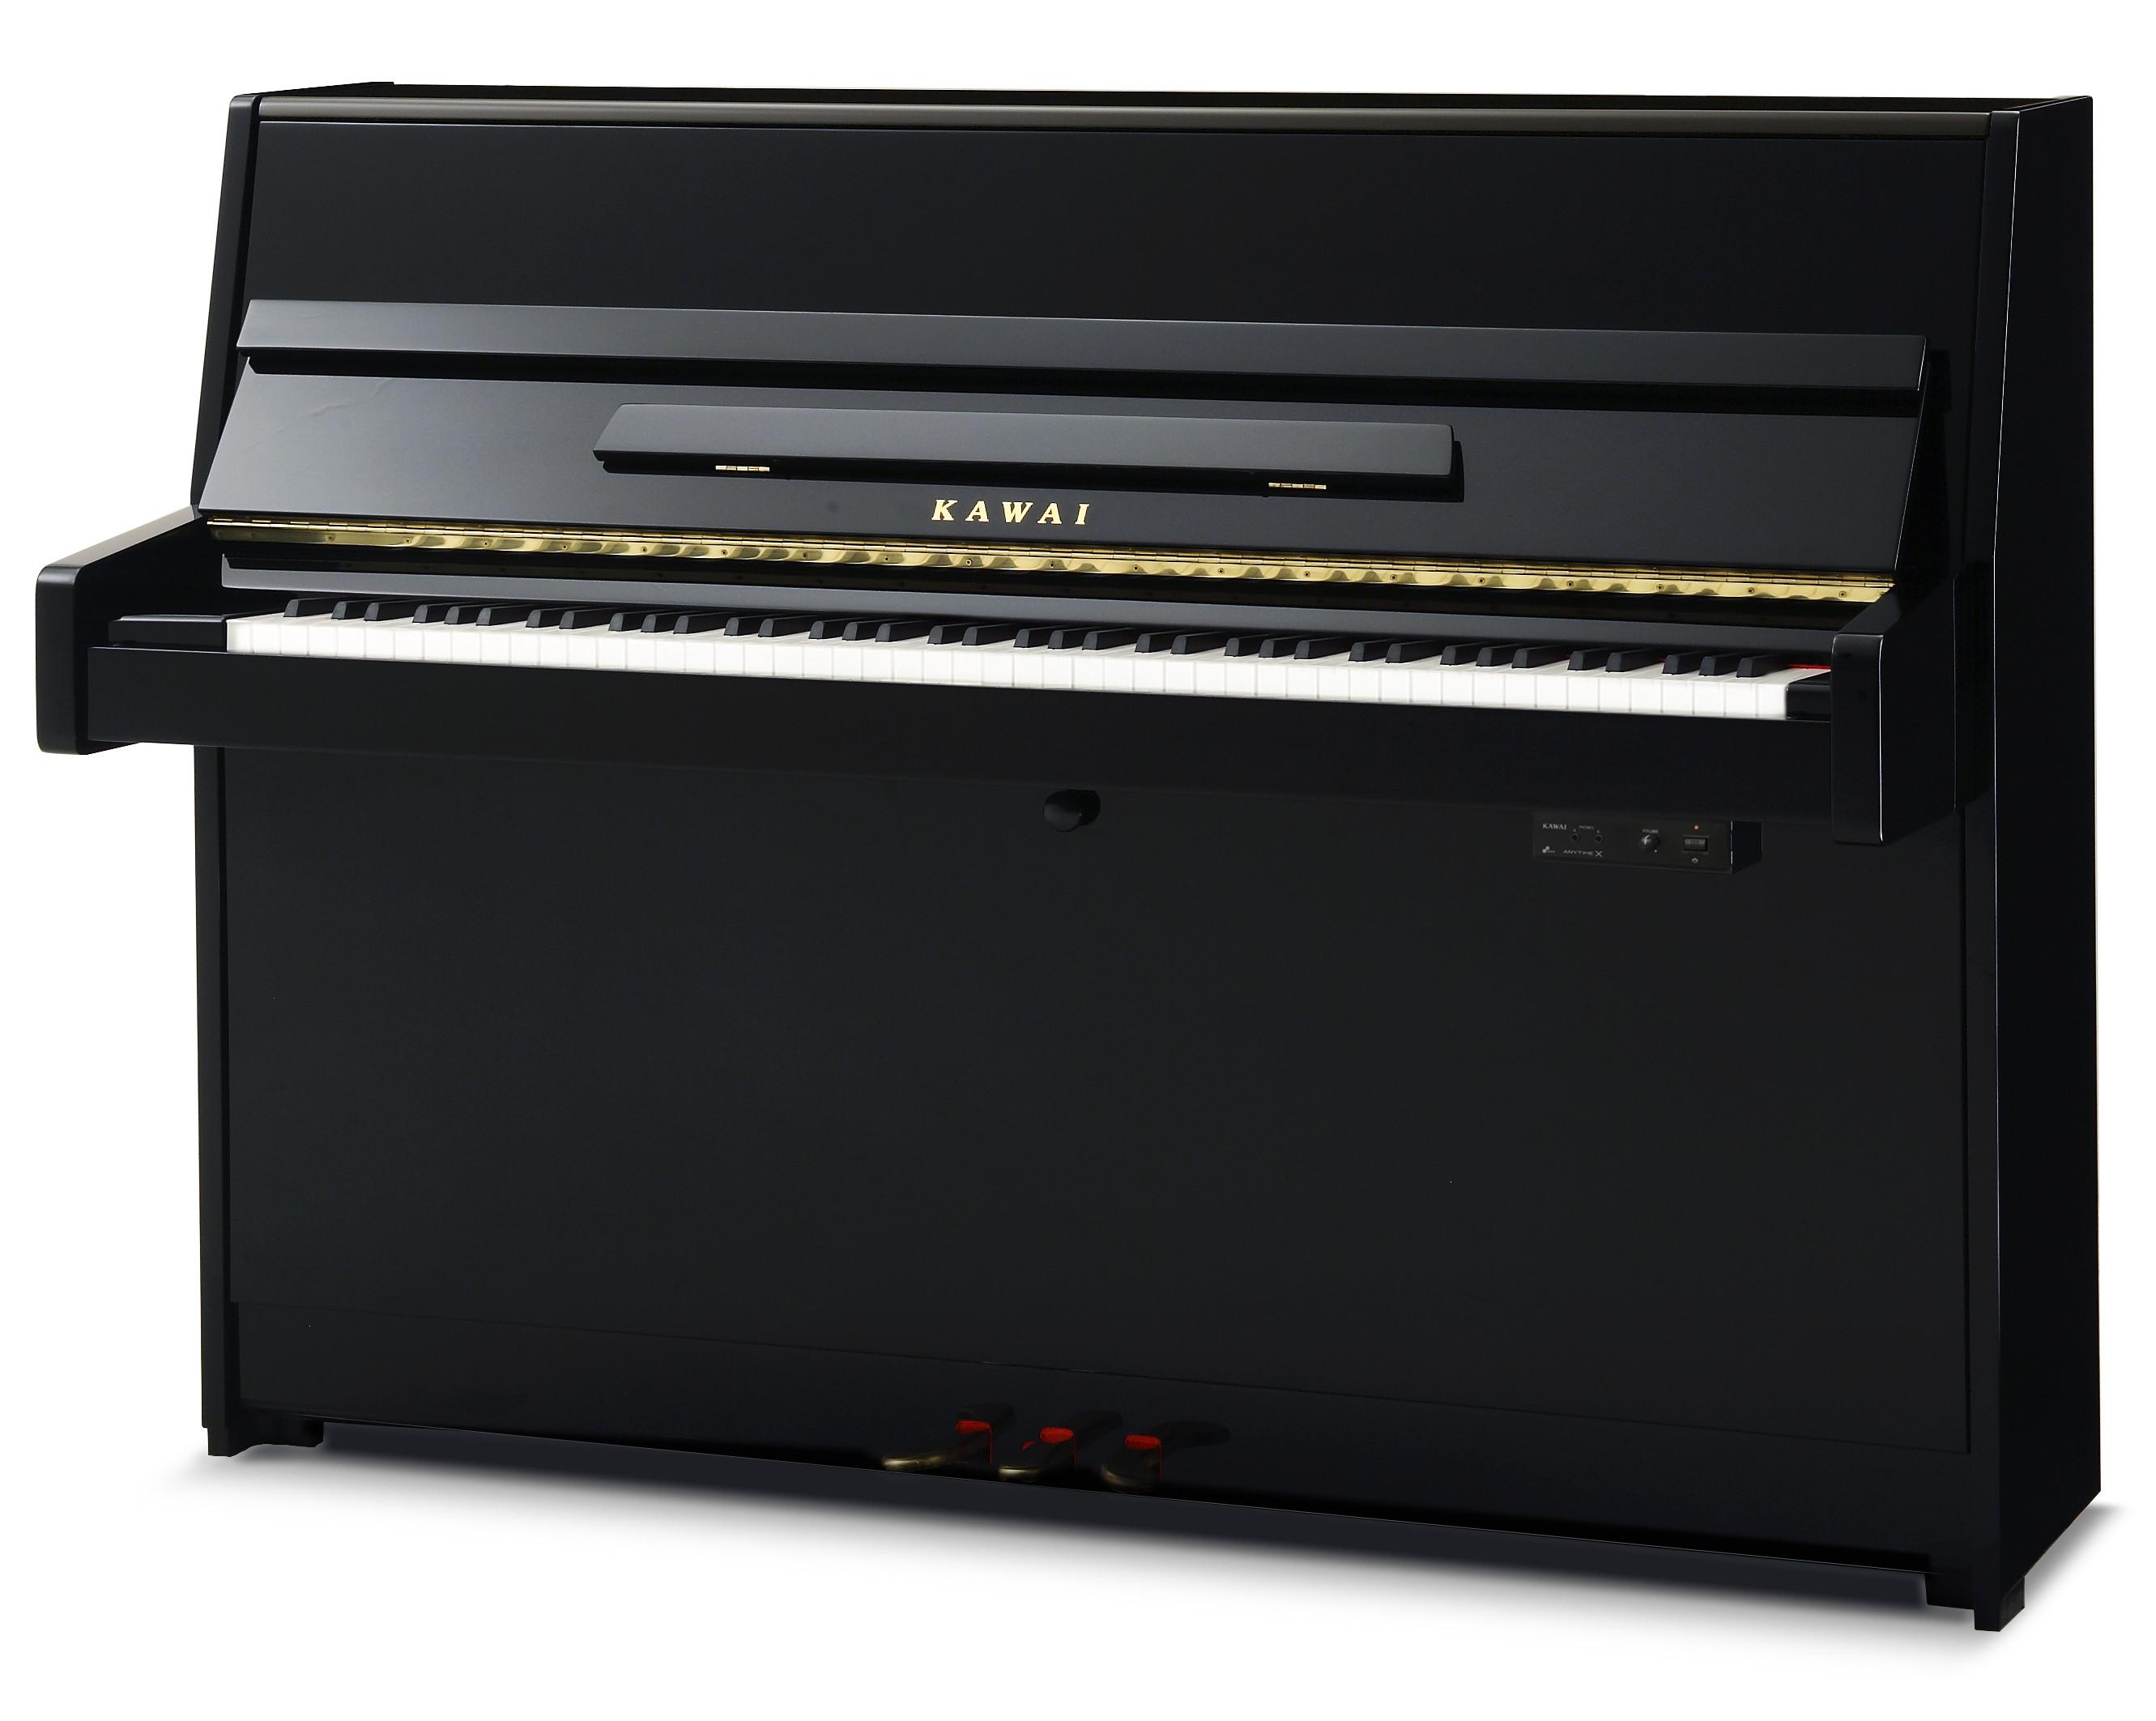 Kawai Klavier K 15 ATX